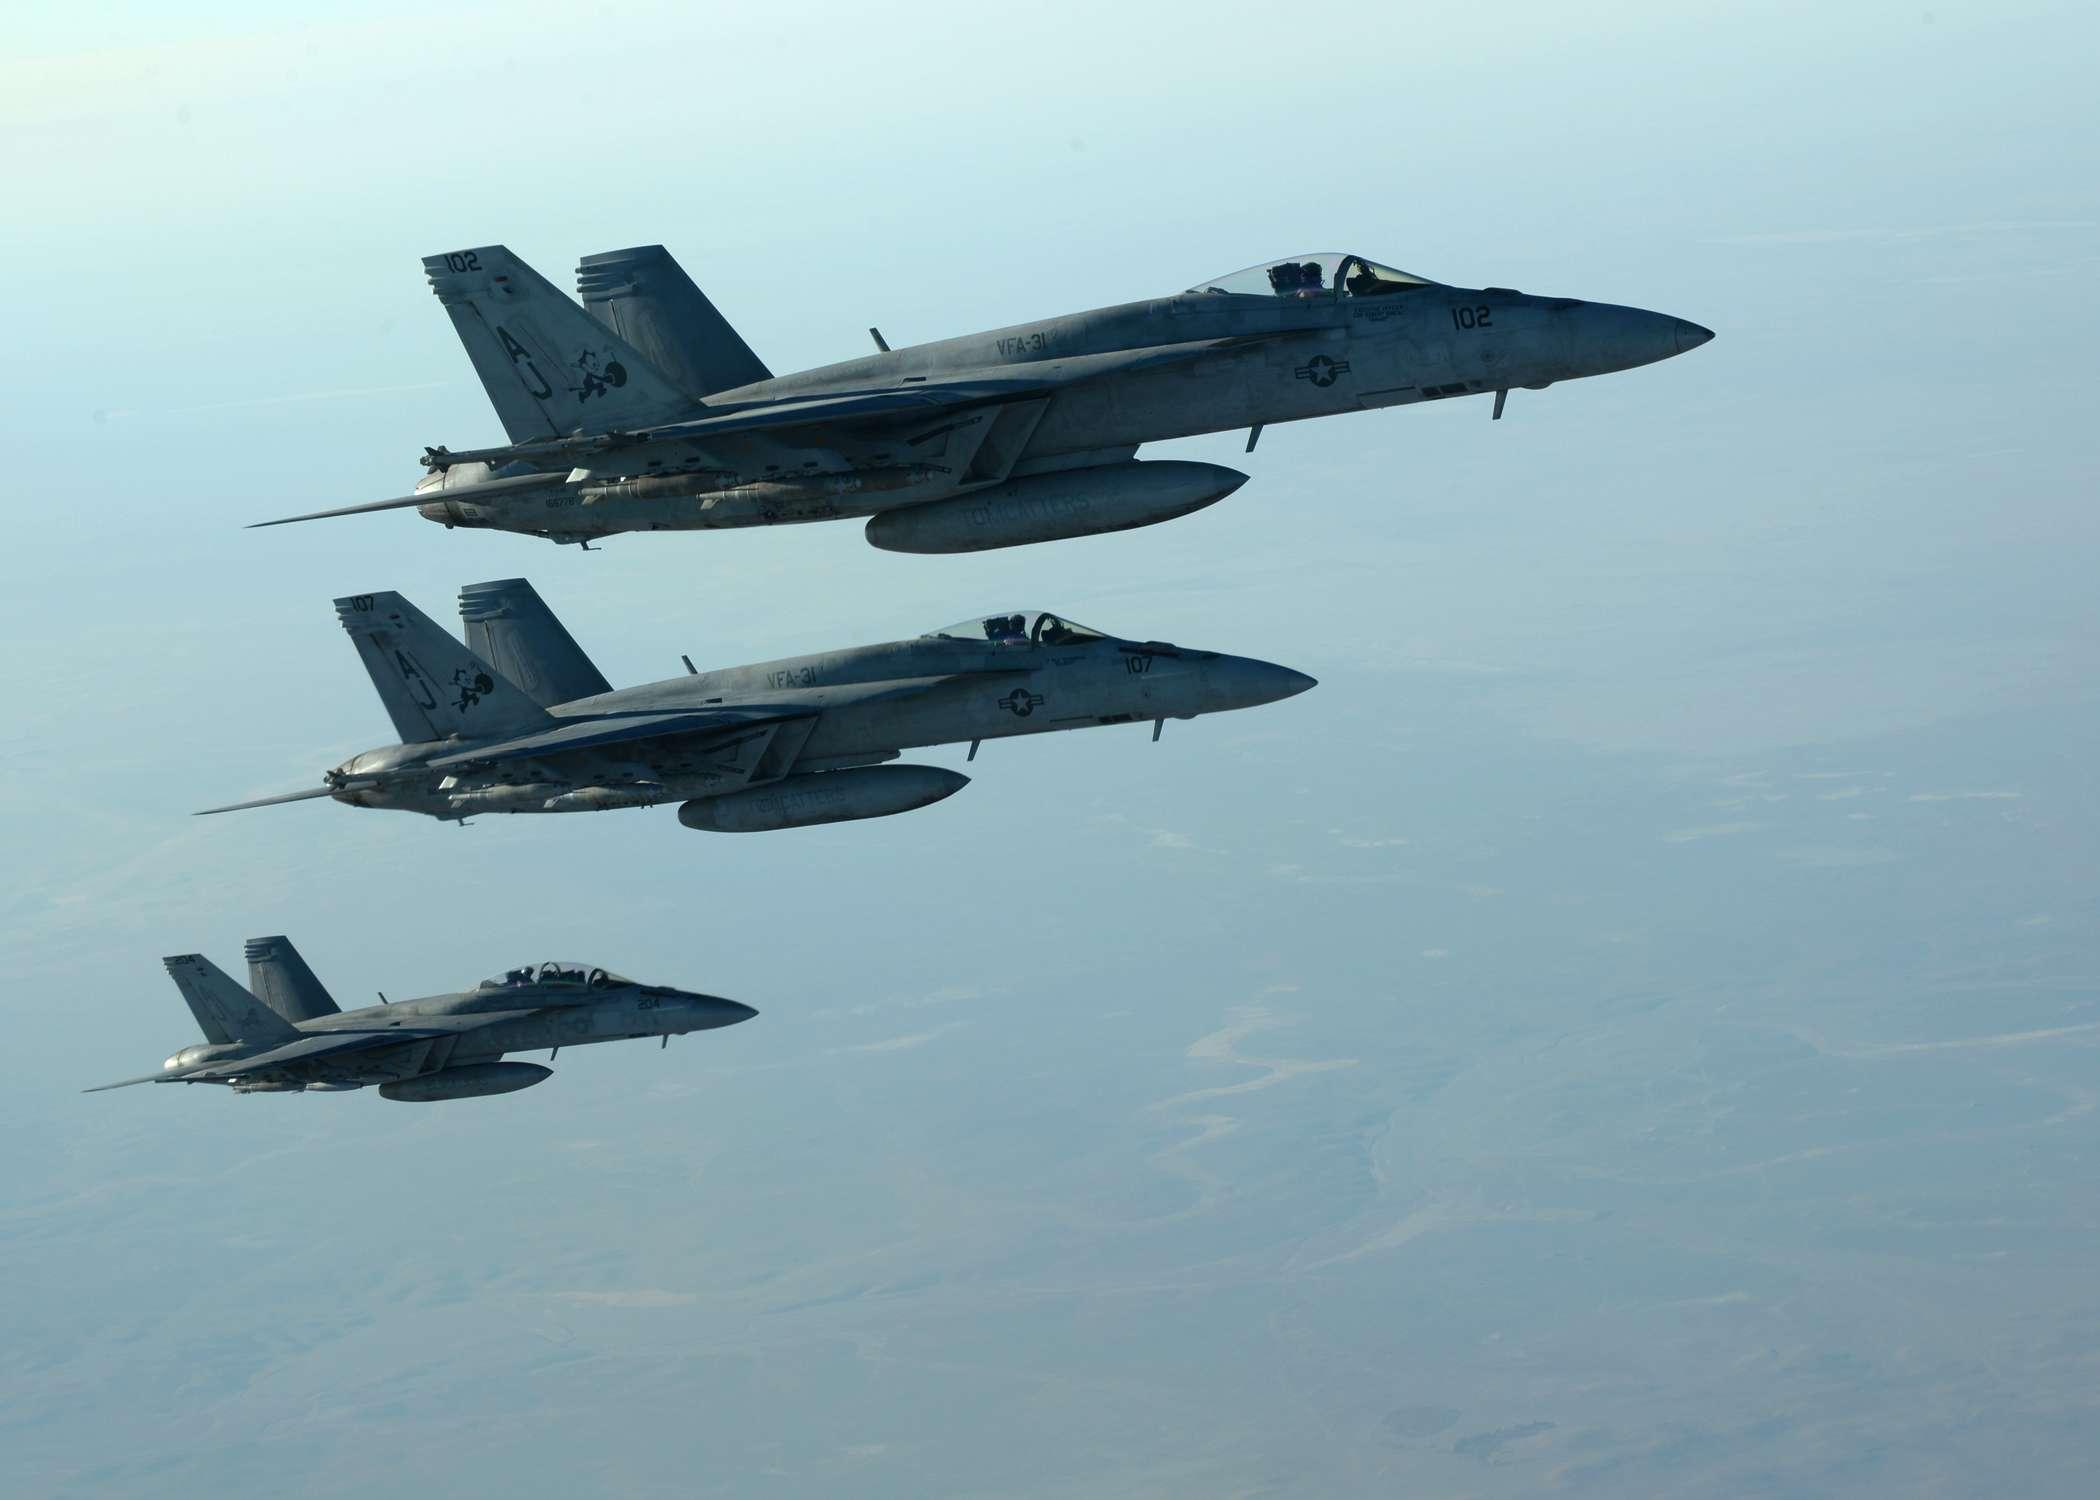 una formación de aviones F-18E Super Hornets parte tras repostar combustible sobre el norte de Irak, como parte de los ataques aéreos contra el grupo Estado Islámico y otros blancos en Siria. Foto: AP en español